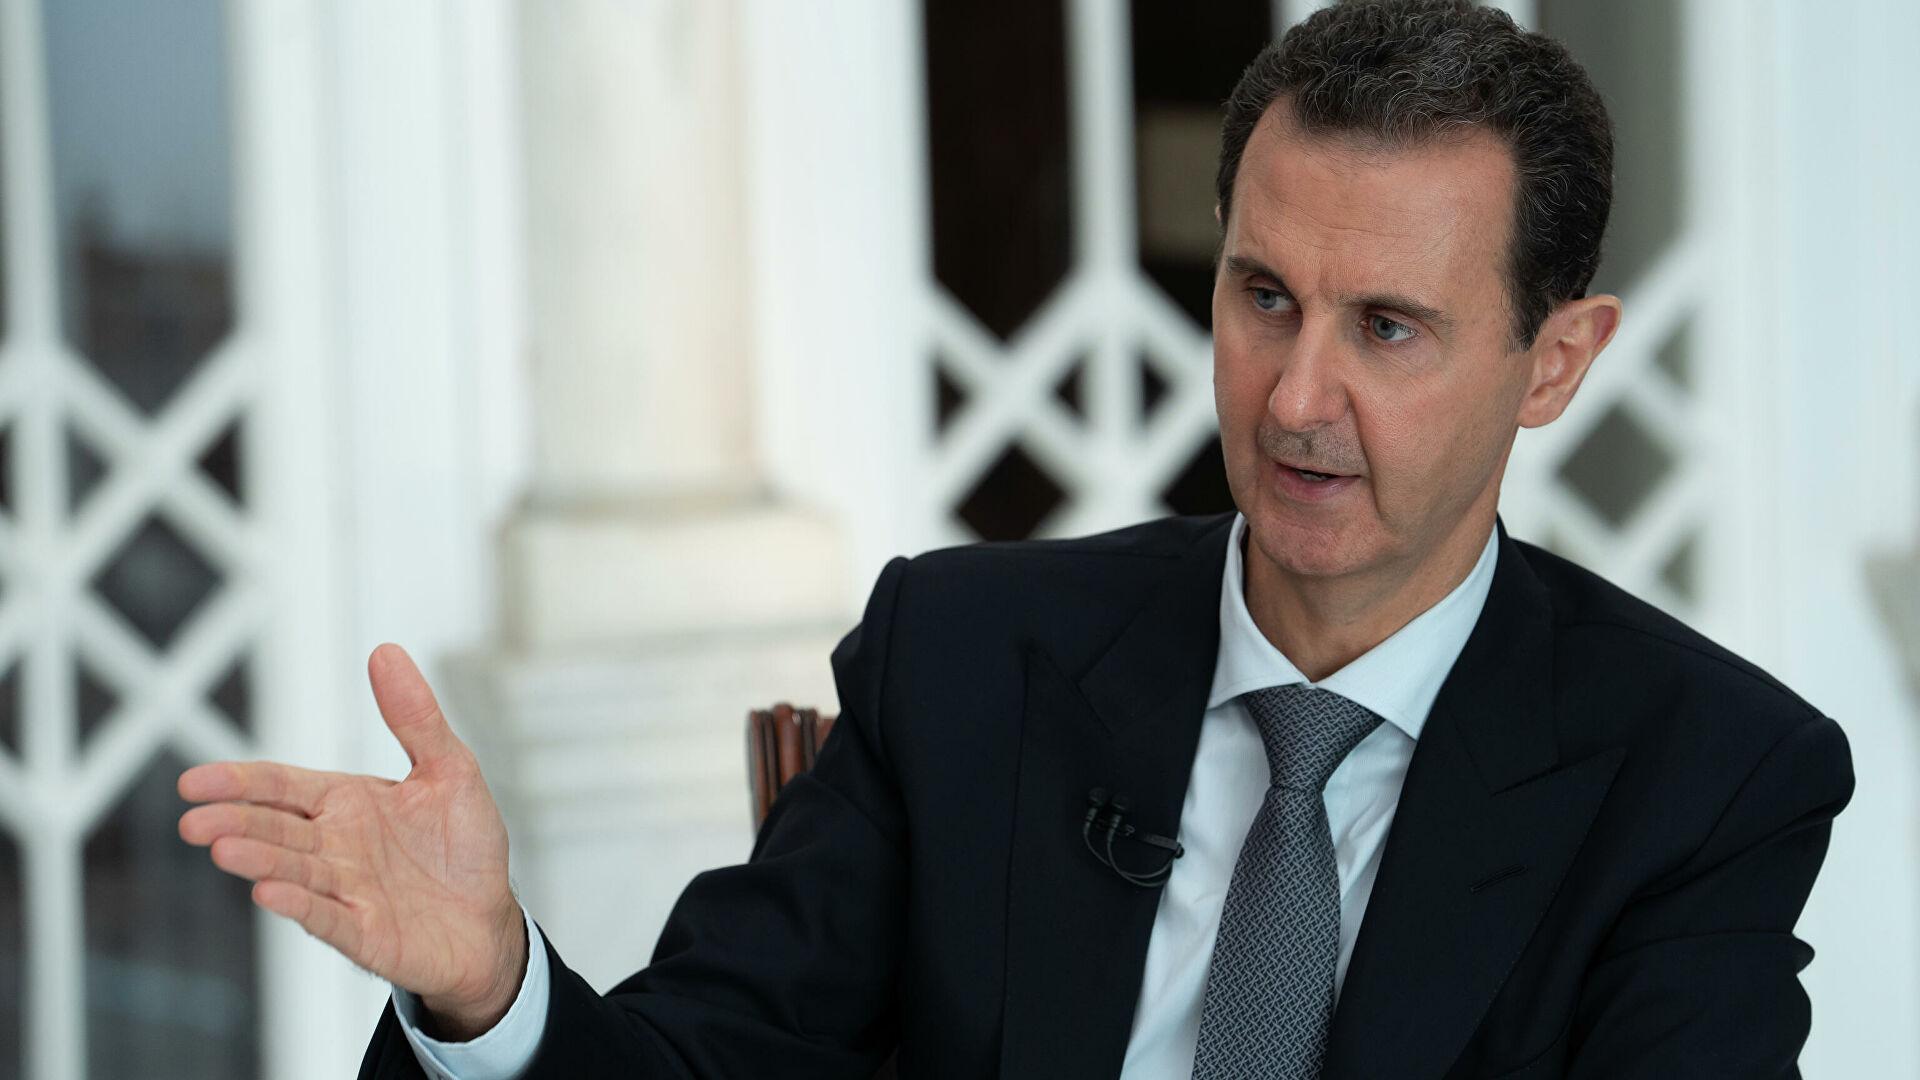 Asad: Ubistva su američki metod rada, oni to stalno čine decenijama u svim krajevima sveta